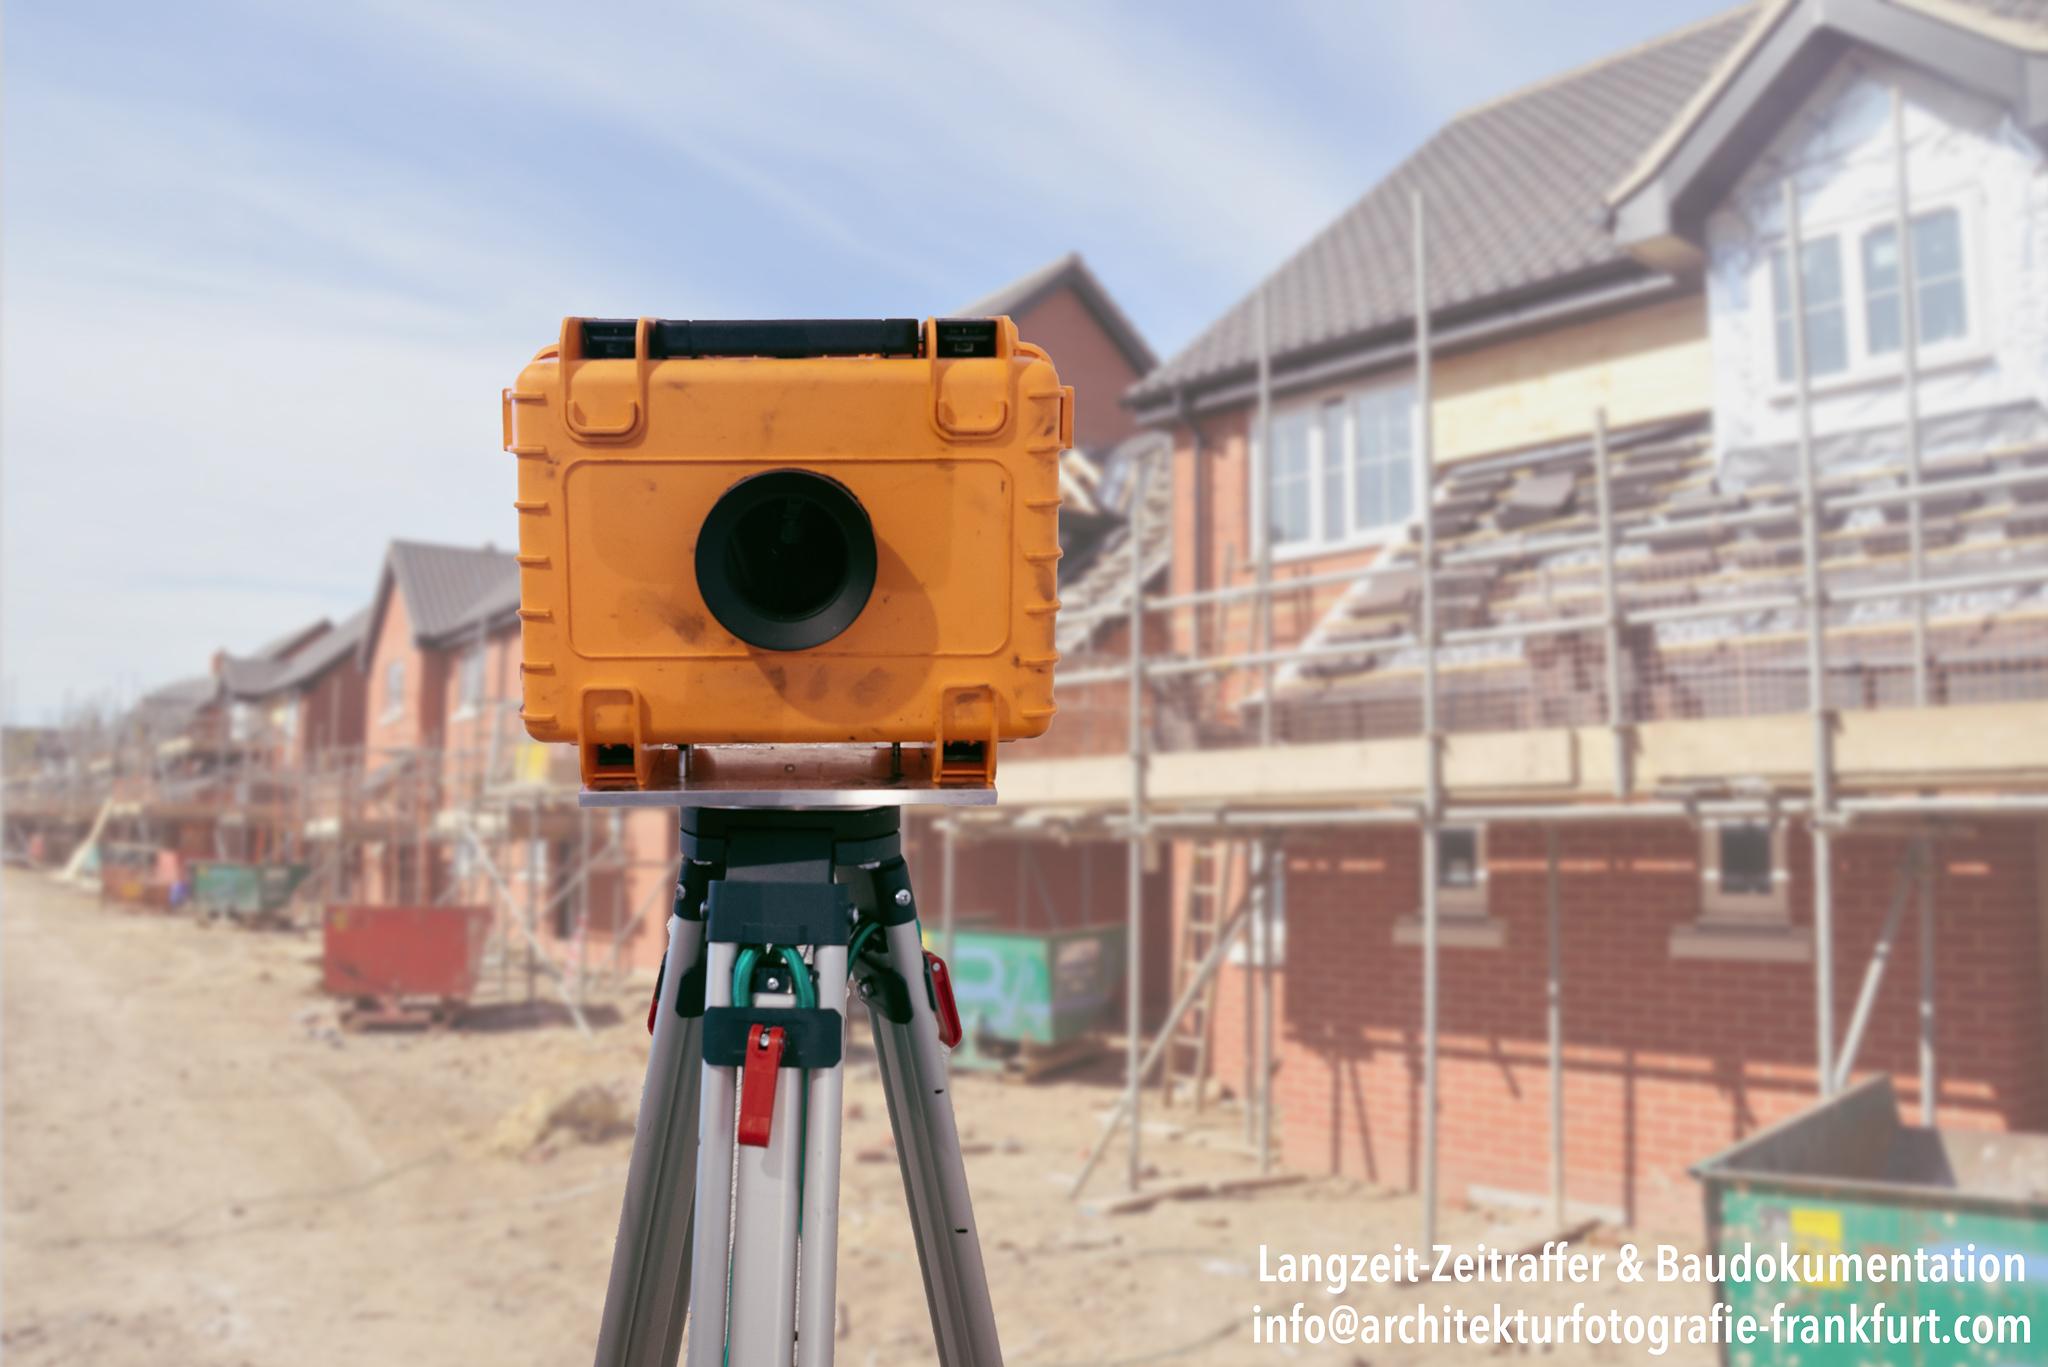 Mit unseren selbst entwickelten Langzeit Zeitraffer Kameras sind dokumentarische Timelapse-Aufnahmen von mehreren Wochen bis hin zu einigen Monaten ohne externe Stromversorgung möglich.